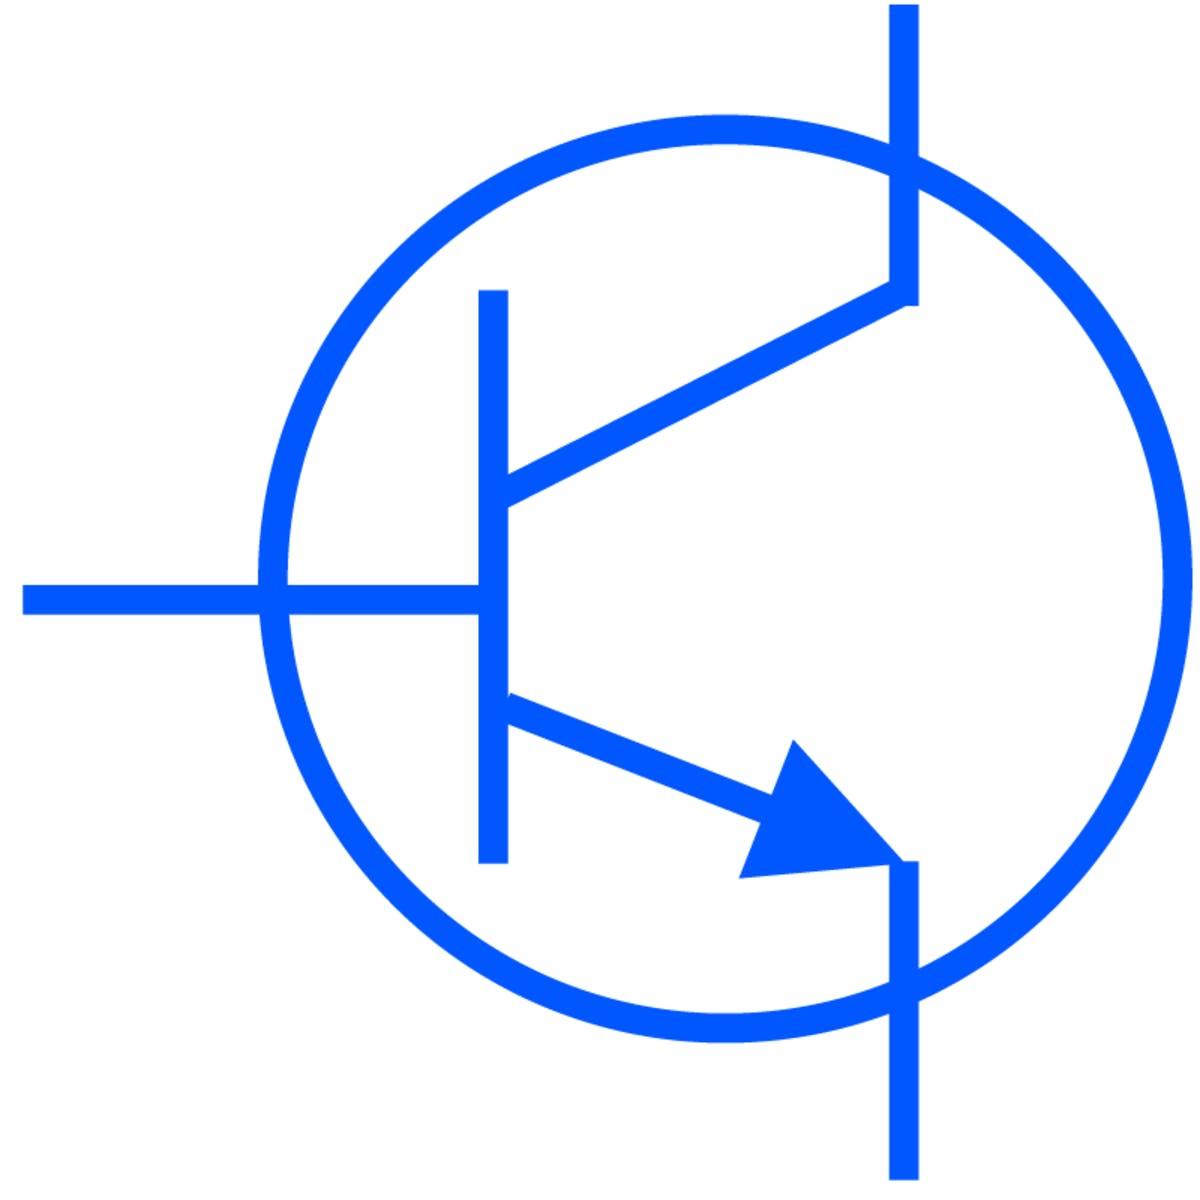 Transistor - Field Effect Transistor and Bipolar Junction Transistor